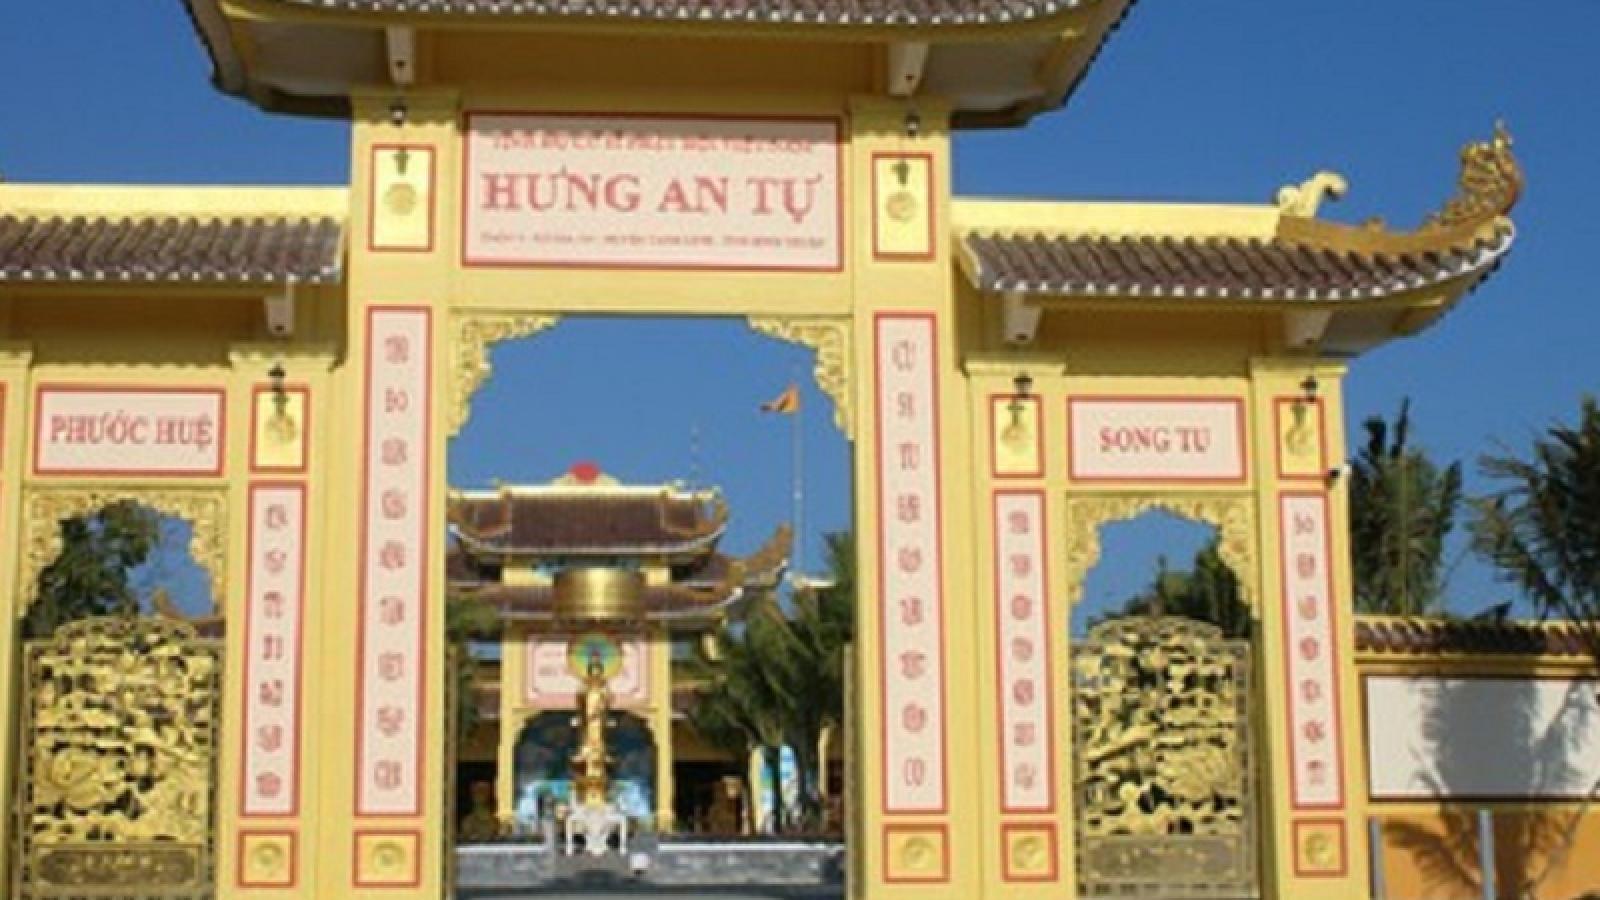 Sở Y tế Bình Thuận lập đoàn kiểm tra nơi hành nghề của ông Võ Hoàng Yên